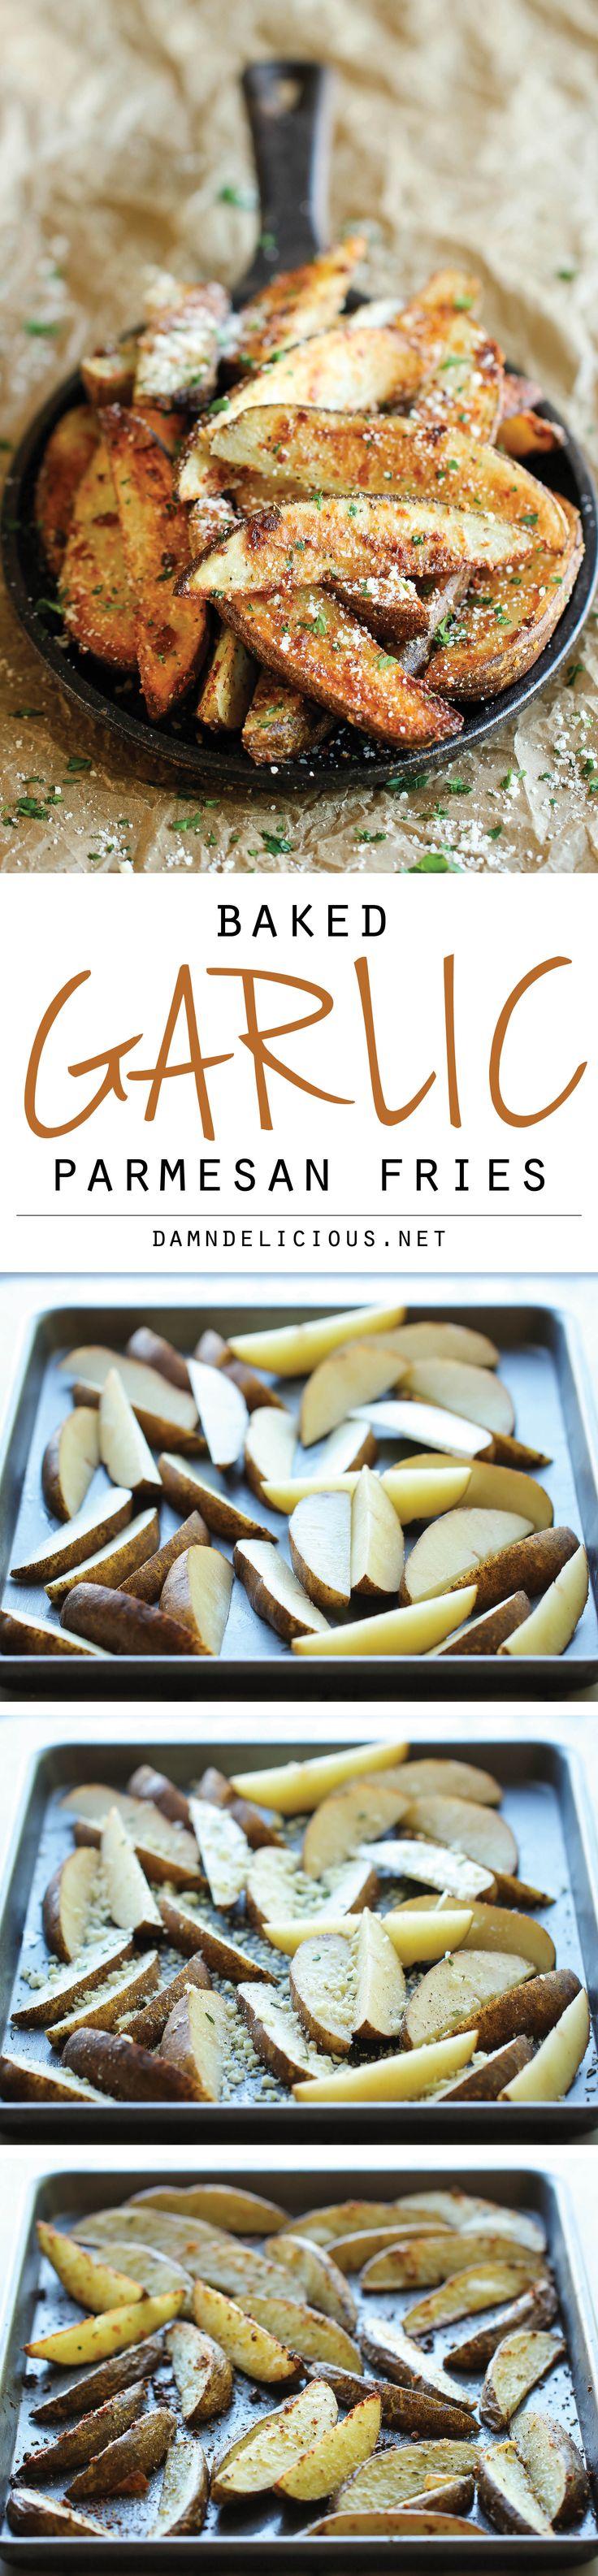 Garlic Parmesan Fries – Ama